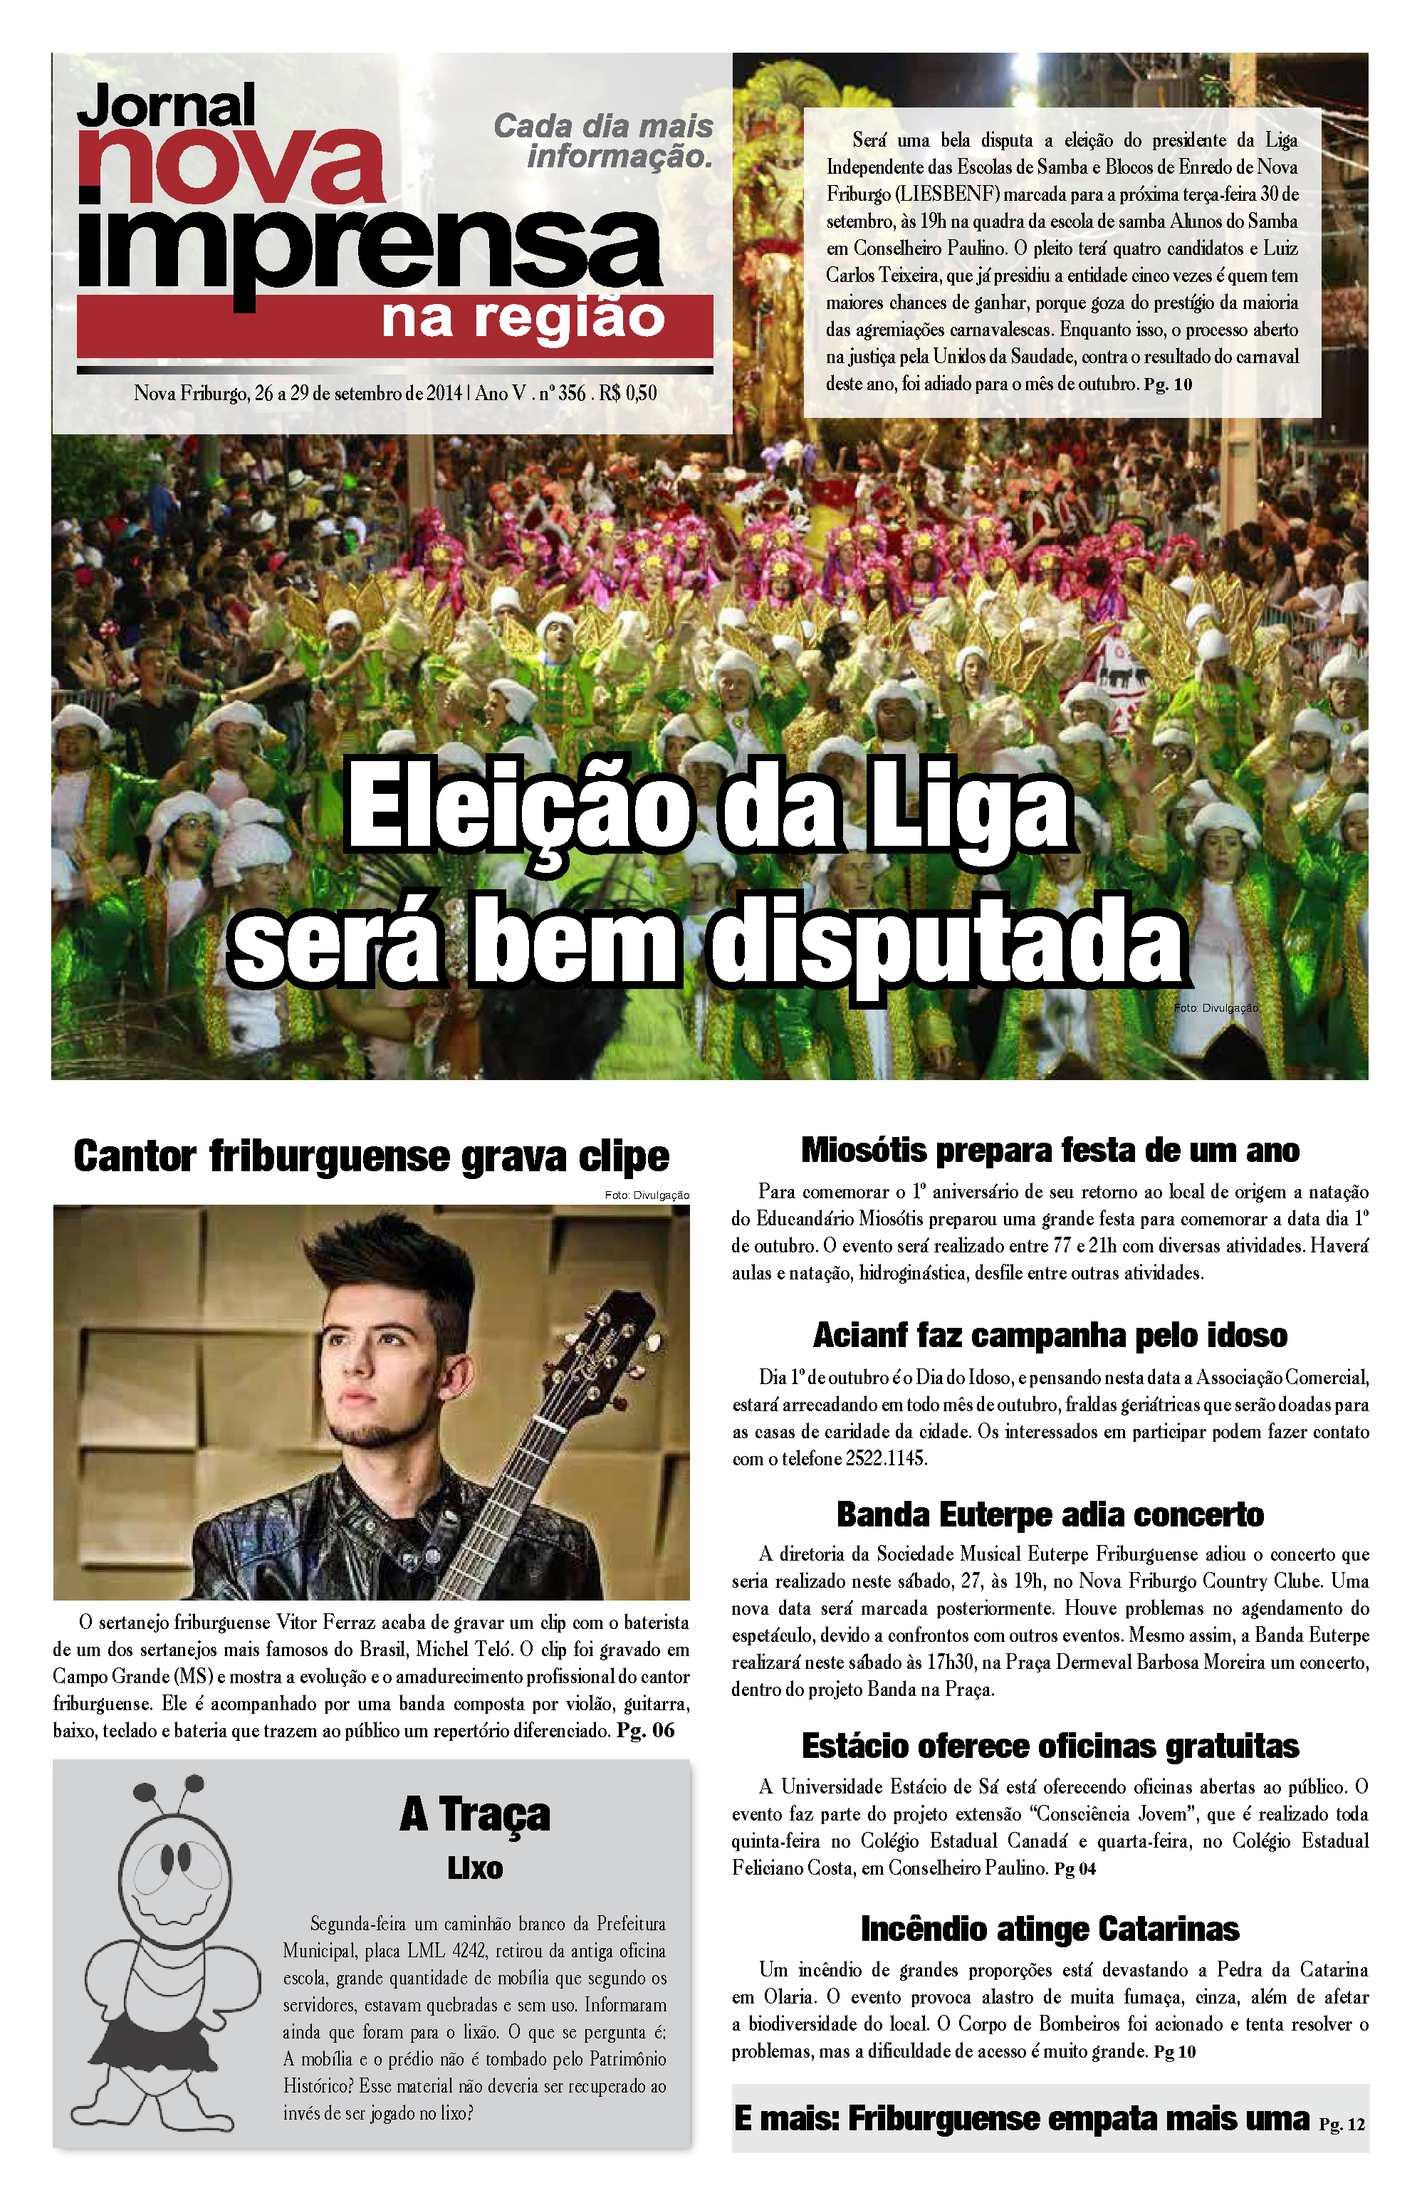 Jornal Nova Imprensa - Edição 356